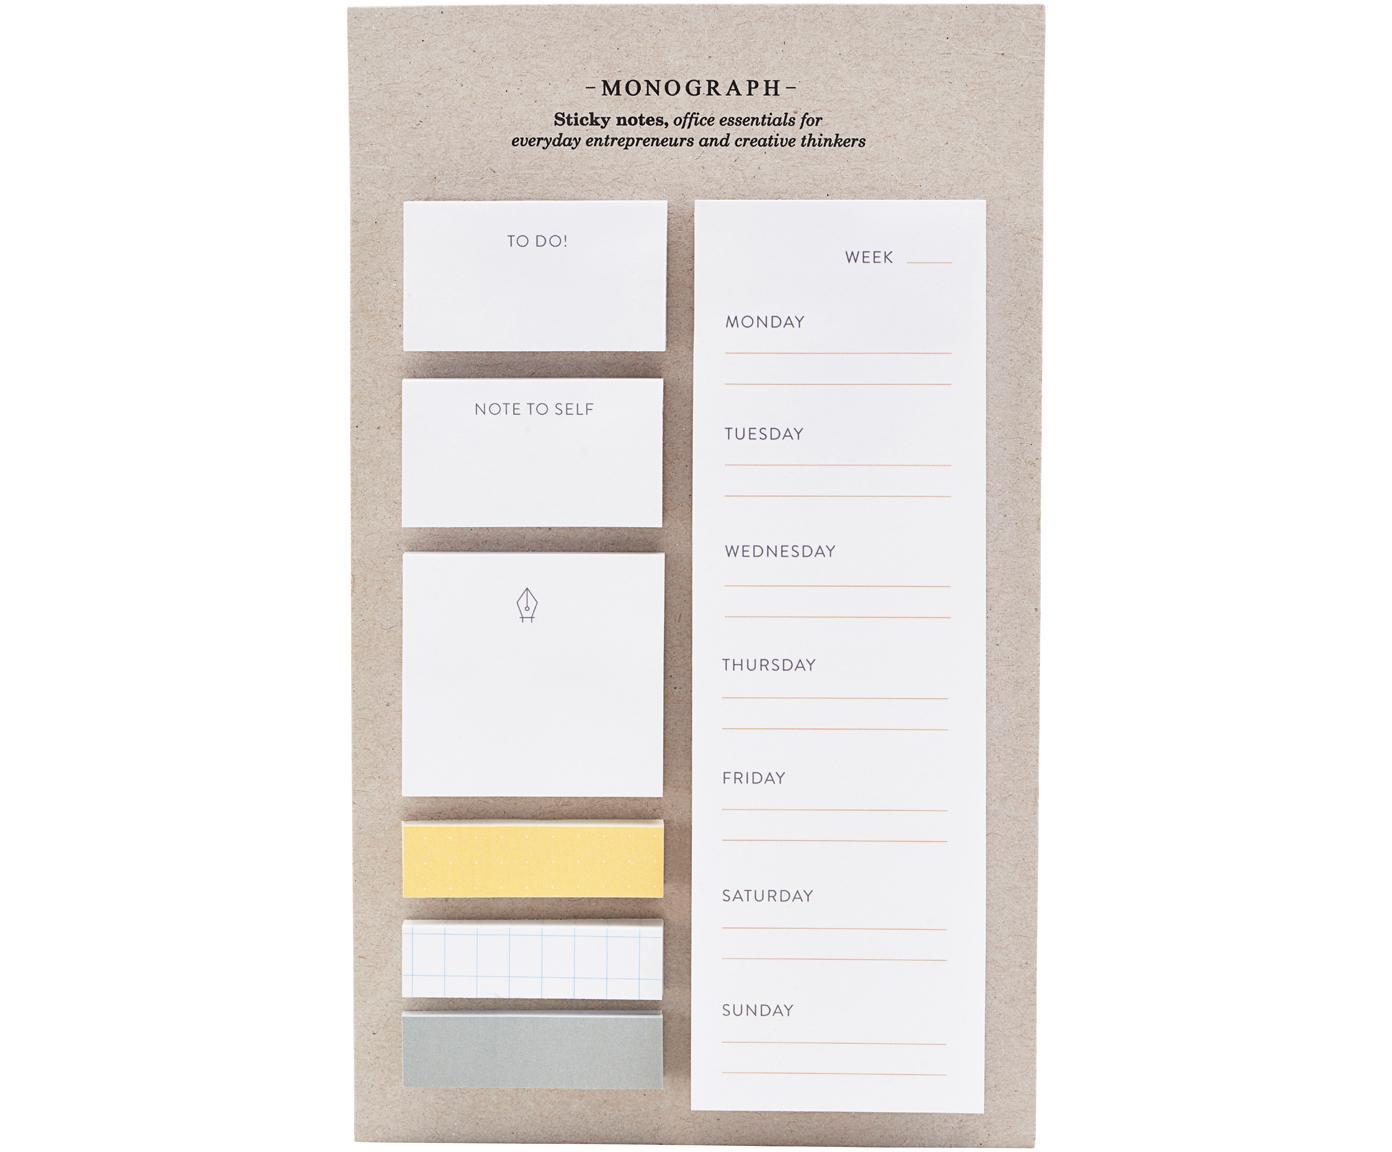 Set blocco note adesivi Toffi, 7 pz., Carta, Bianco, giallo, grigio, Larg. 12 x Alt. 22 cm